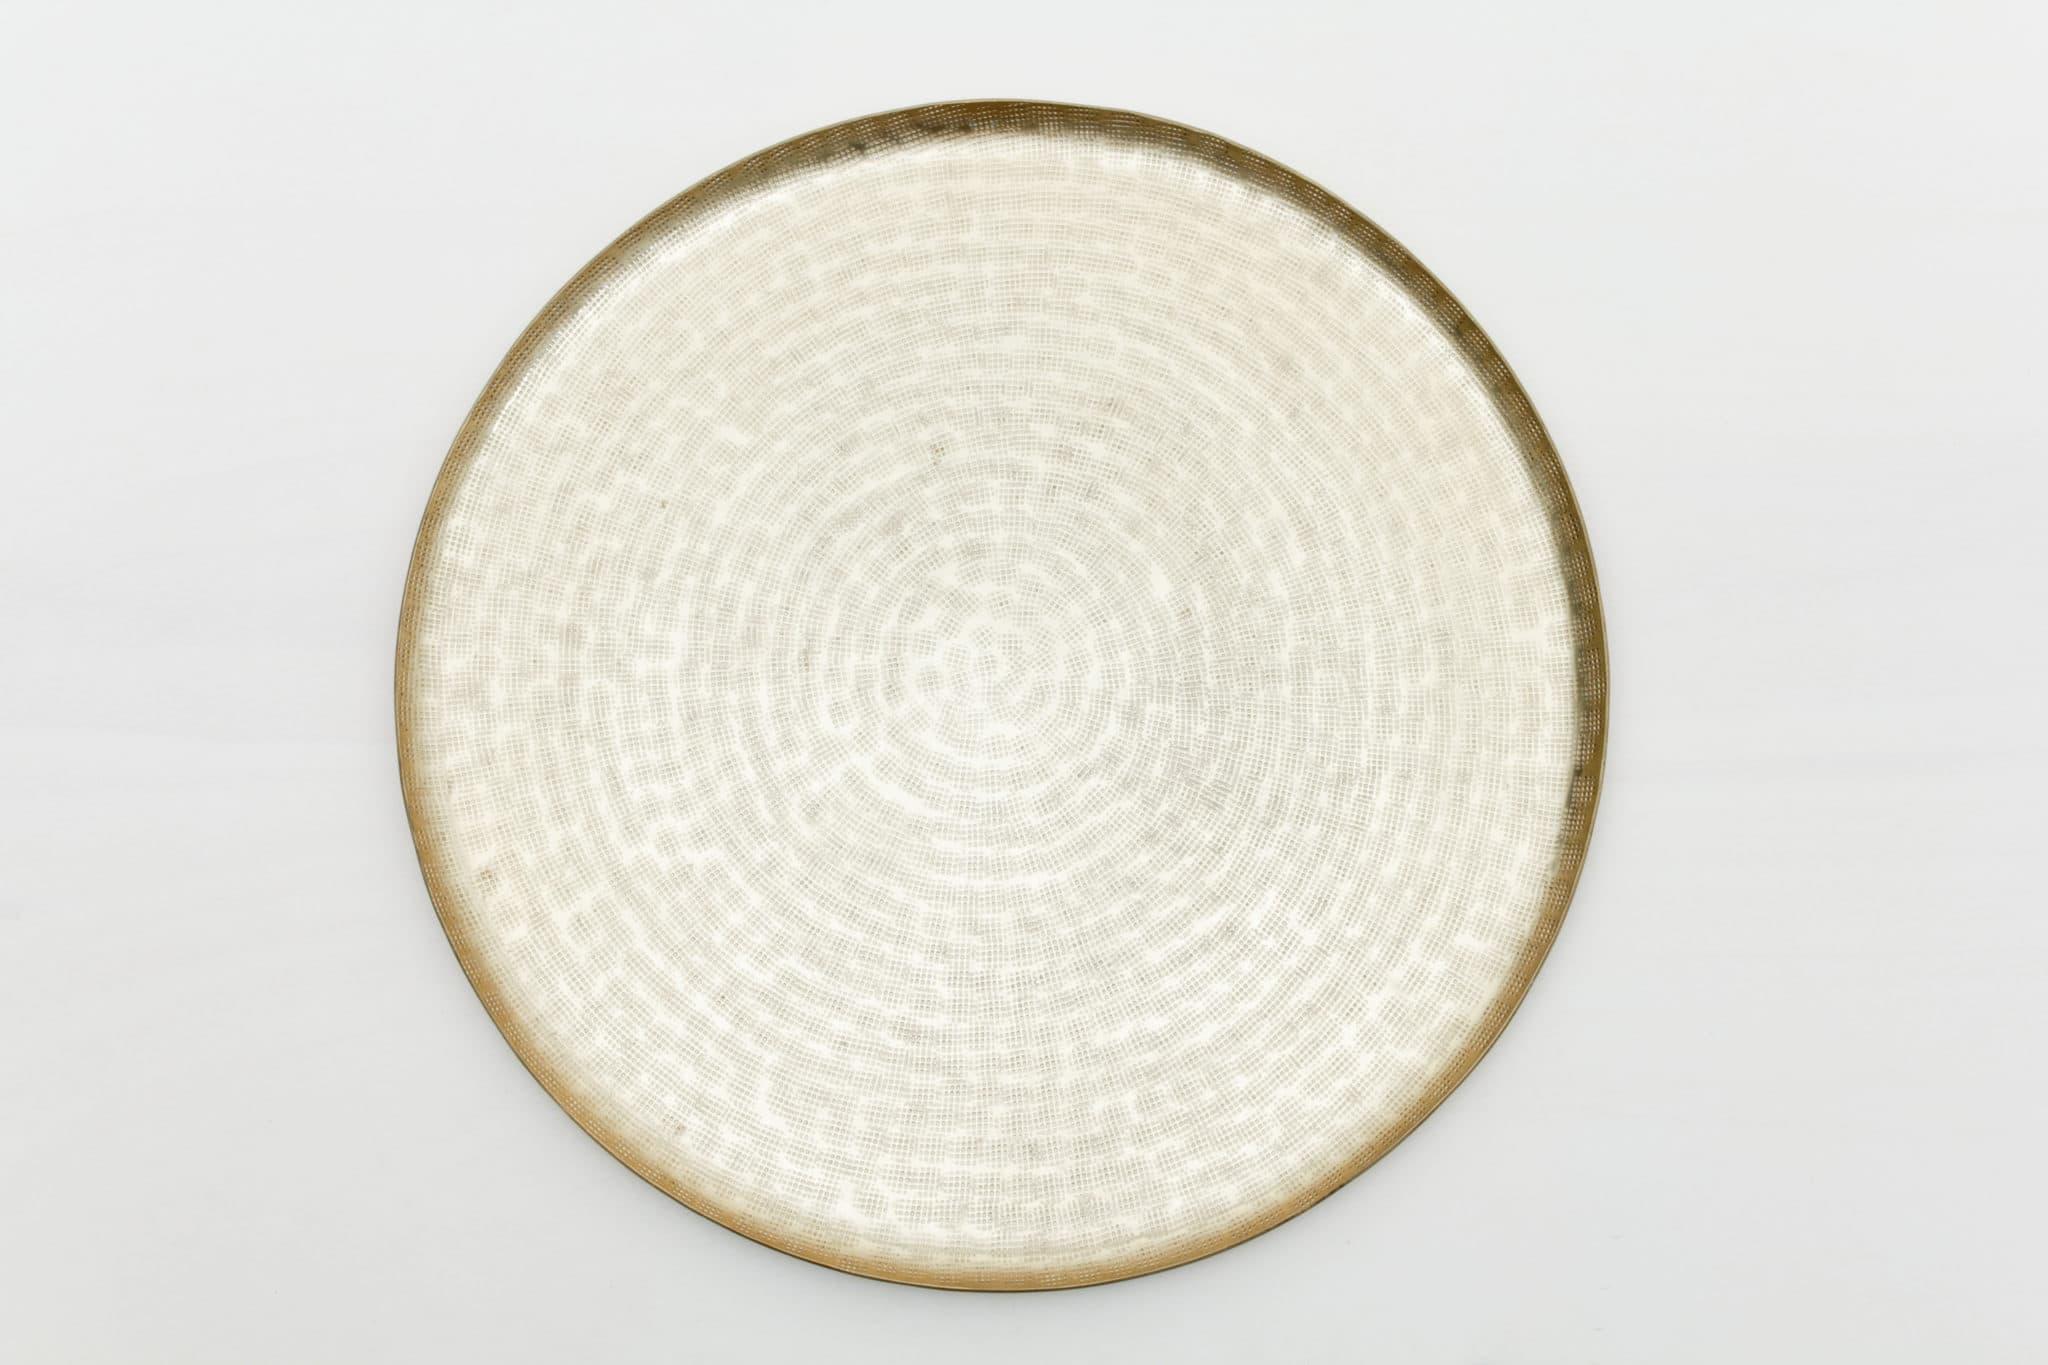 goldenes, rundes Tablett mieten